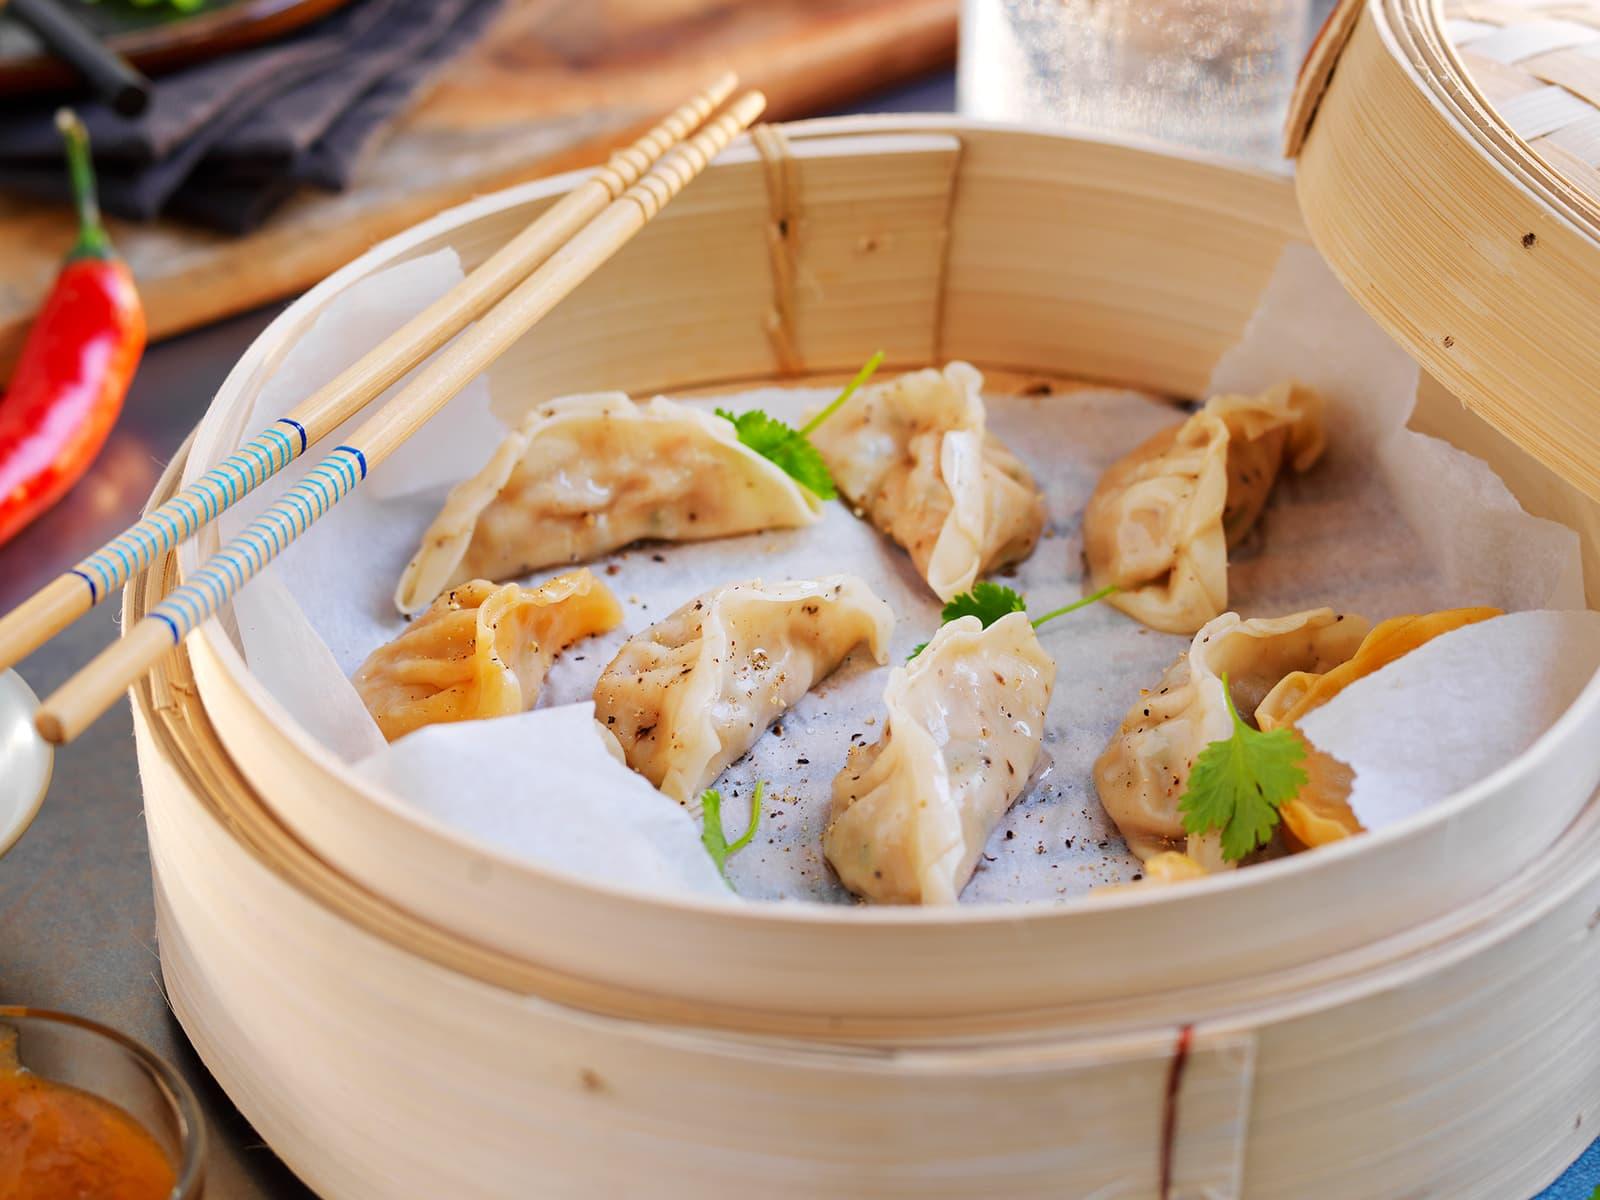 Dumplings fylt med svin